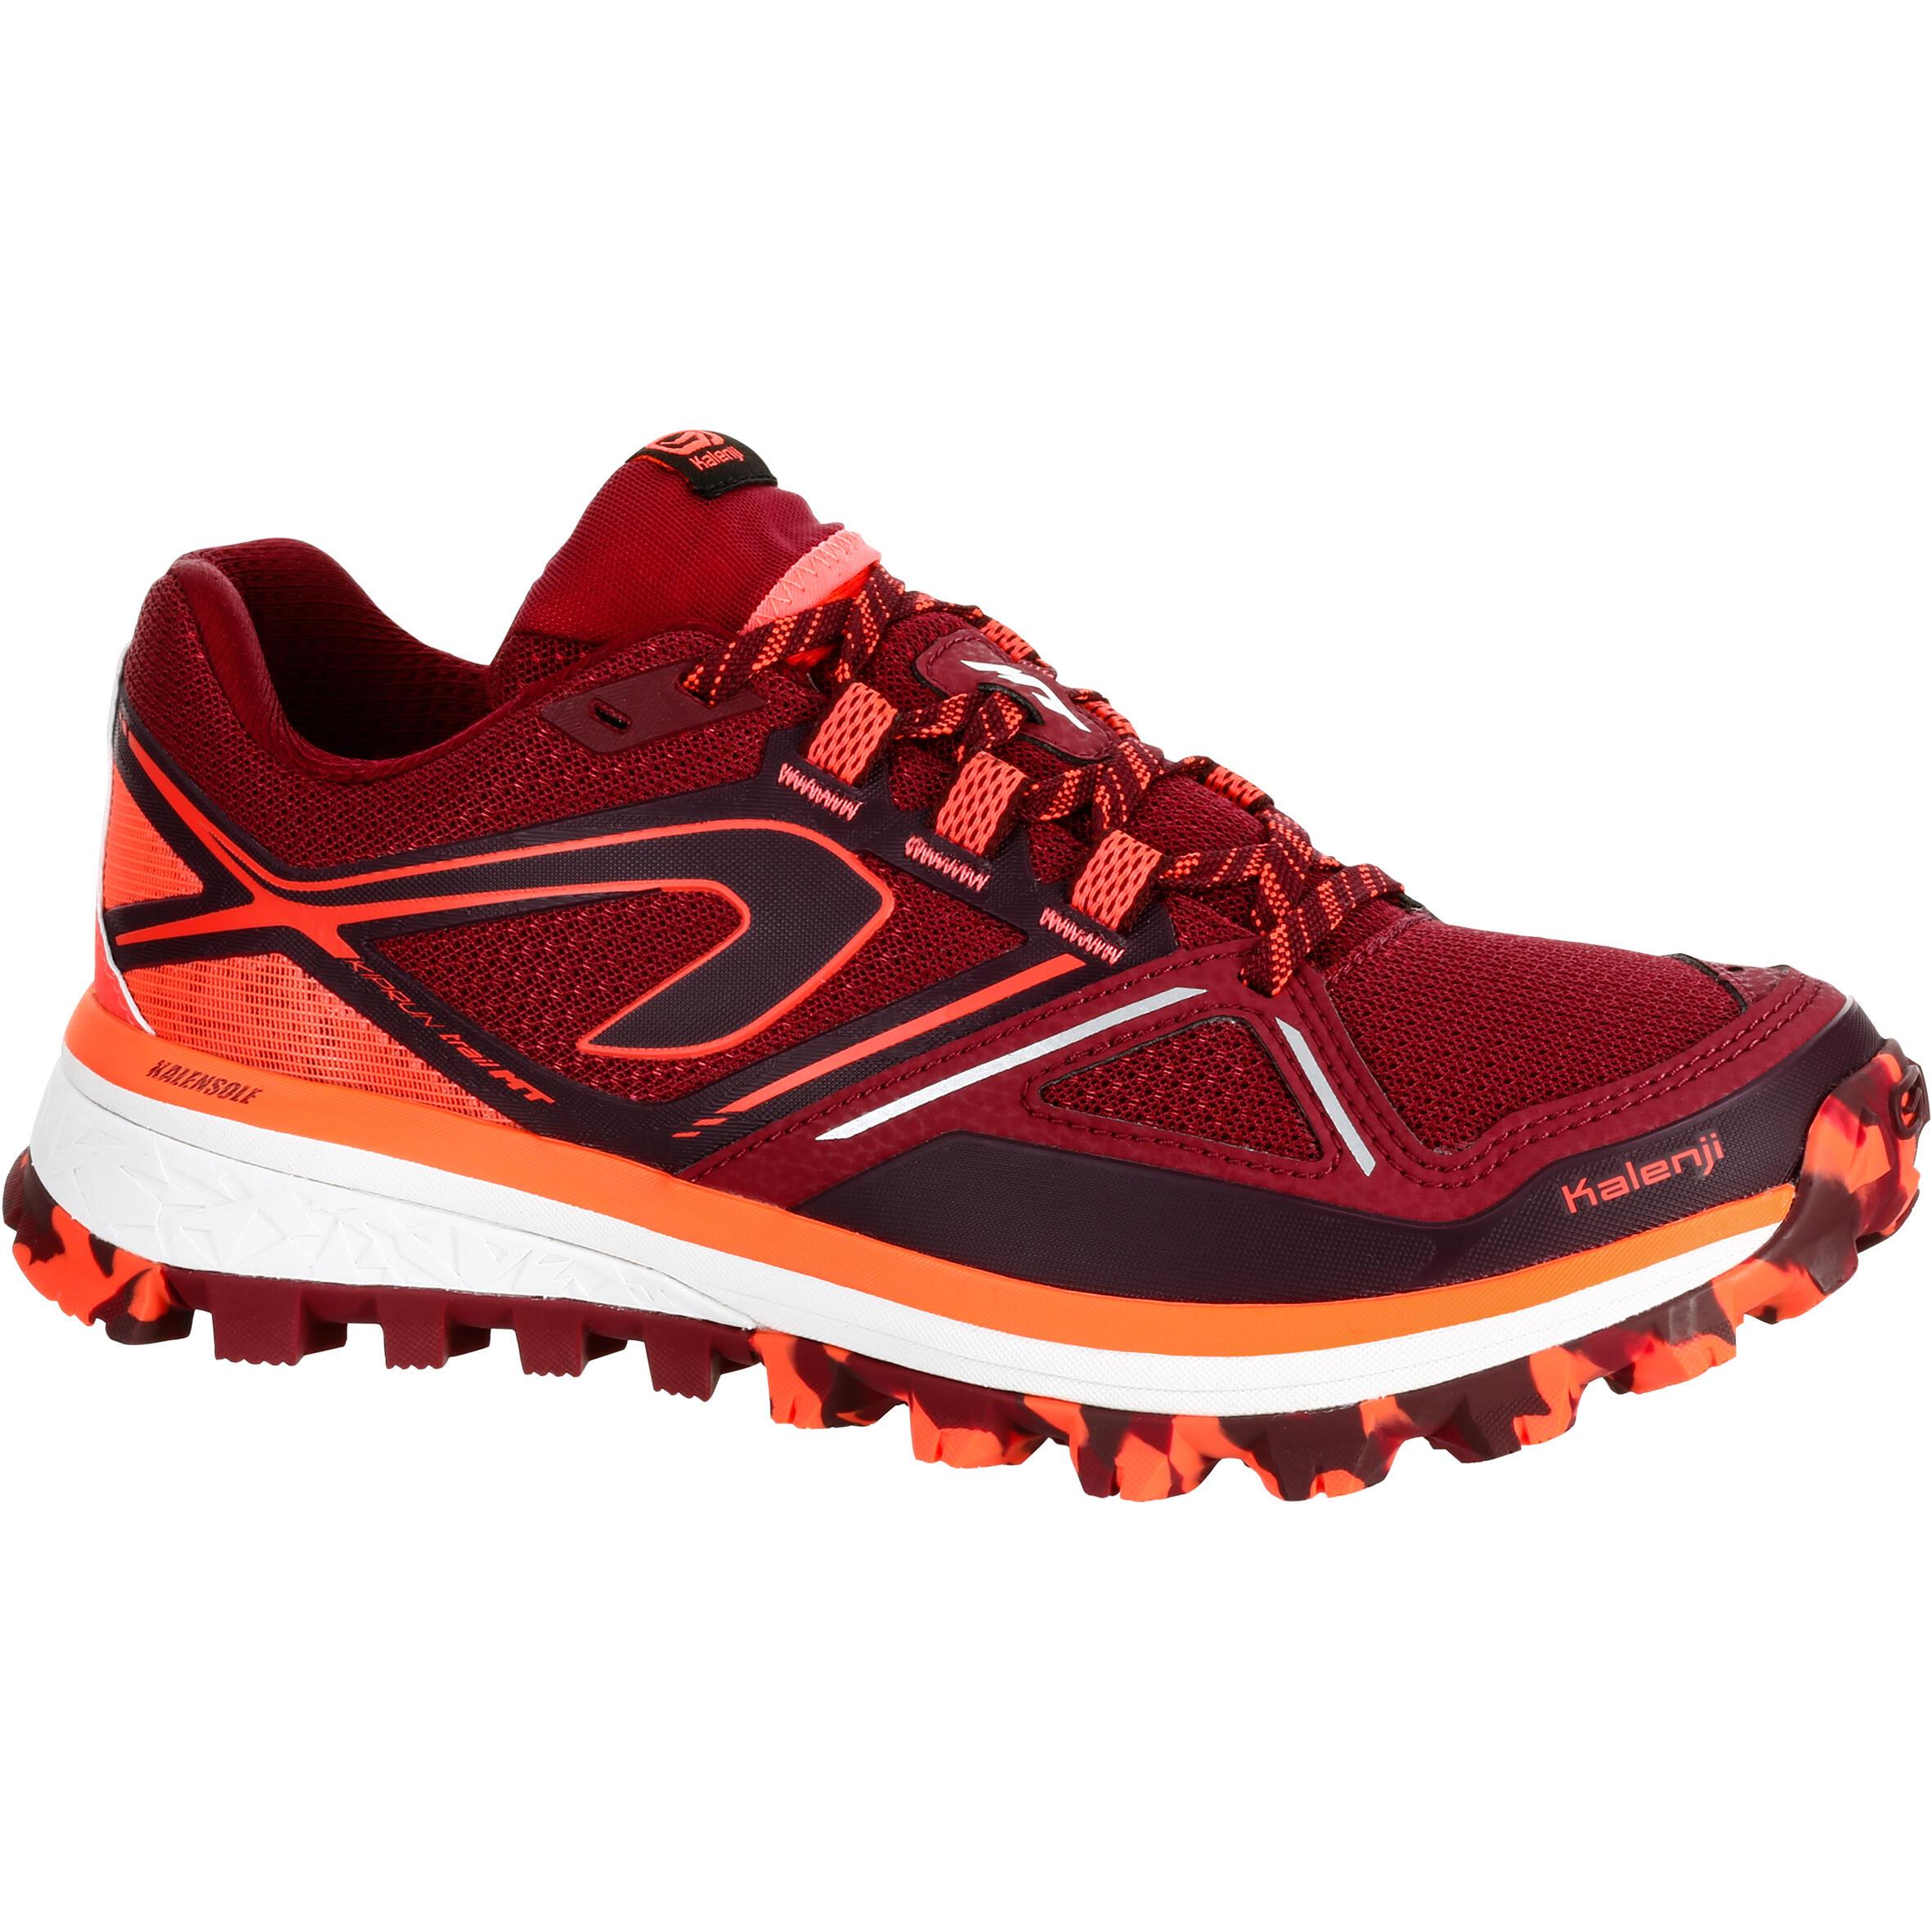 2501075 Kalenji Trailschoenen voor dames Kiprun Trail MT bordeaux